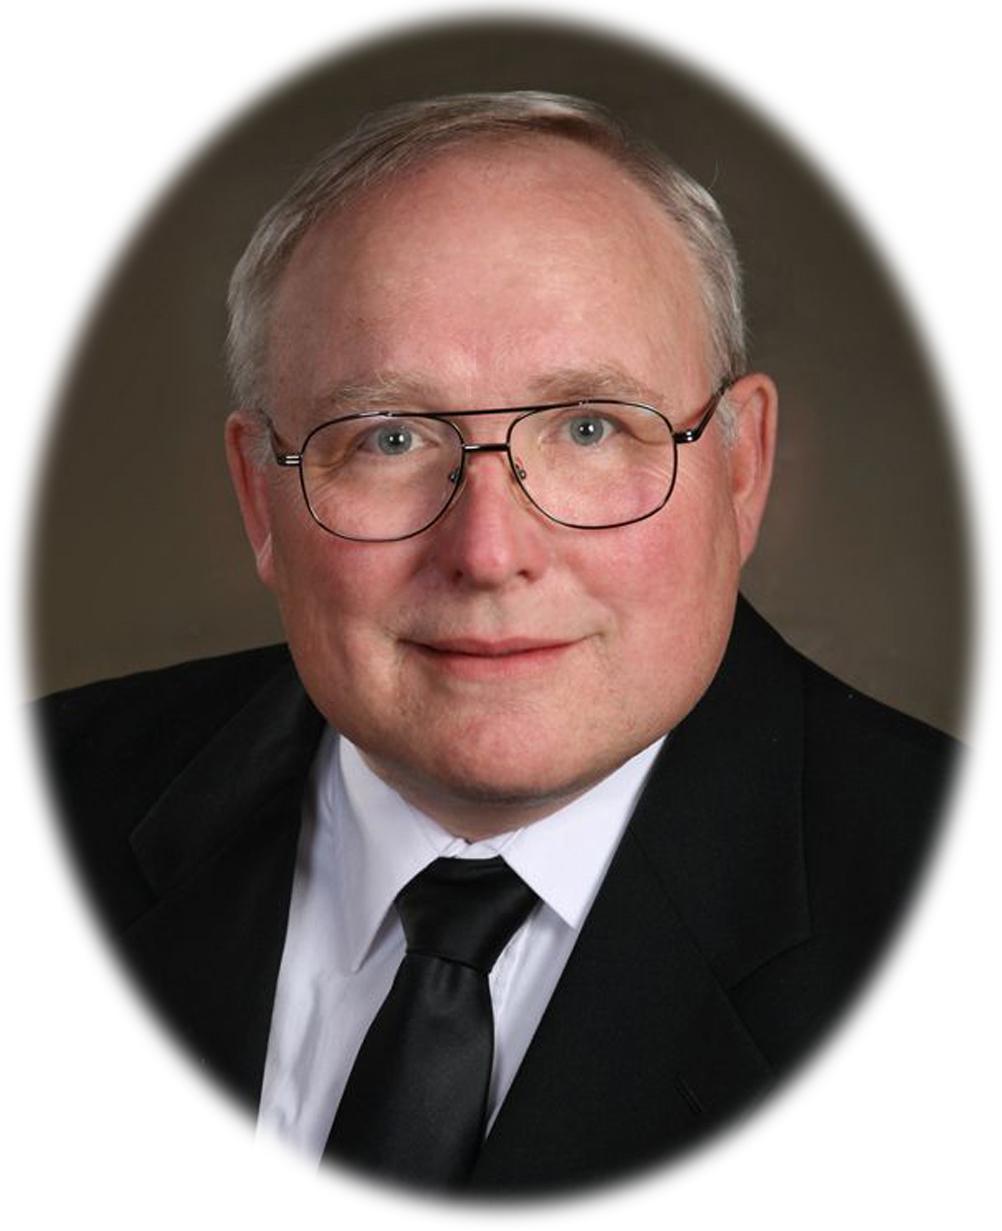 James J. Sobczyk